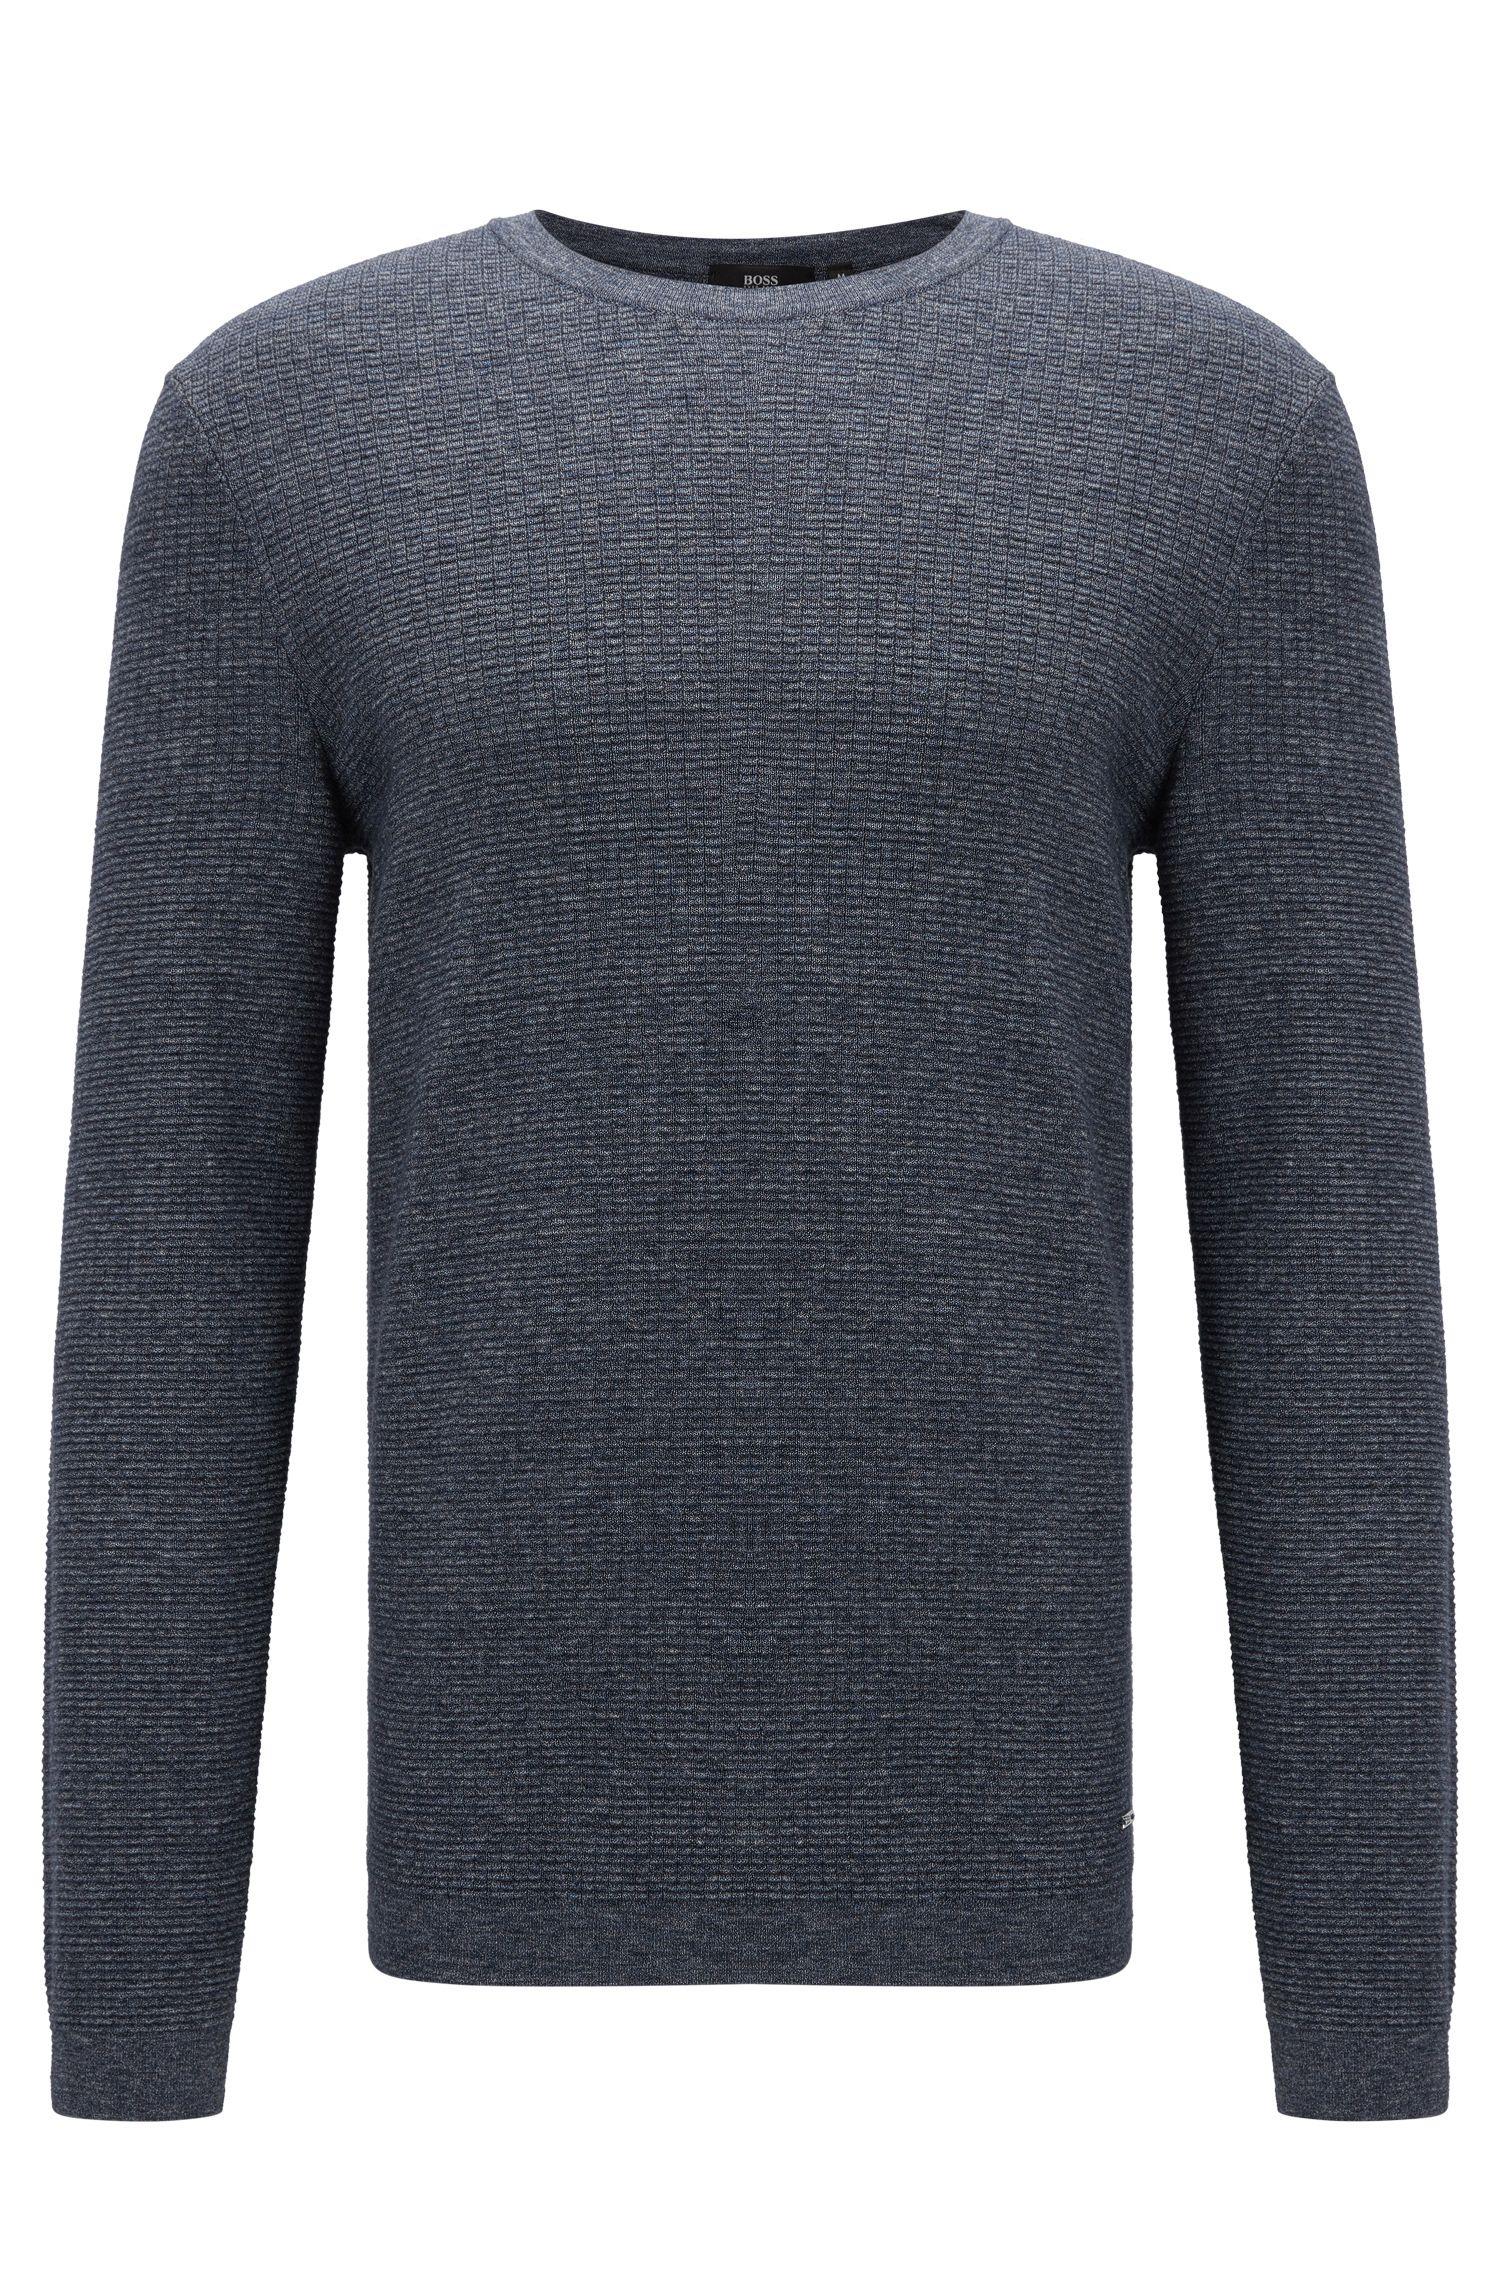 'Mustino'   Knit Cotton Sweater